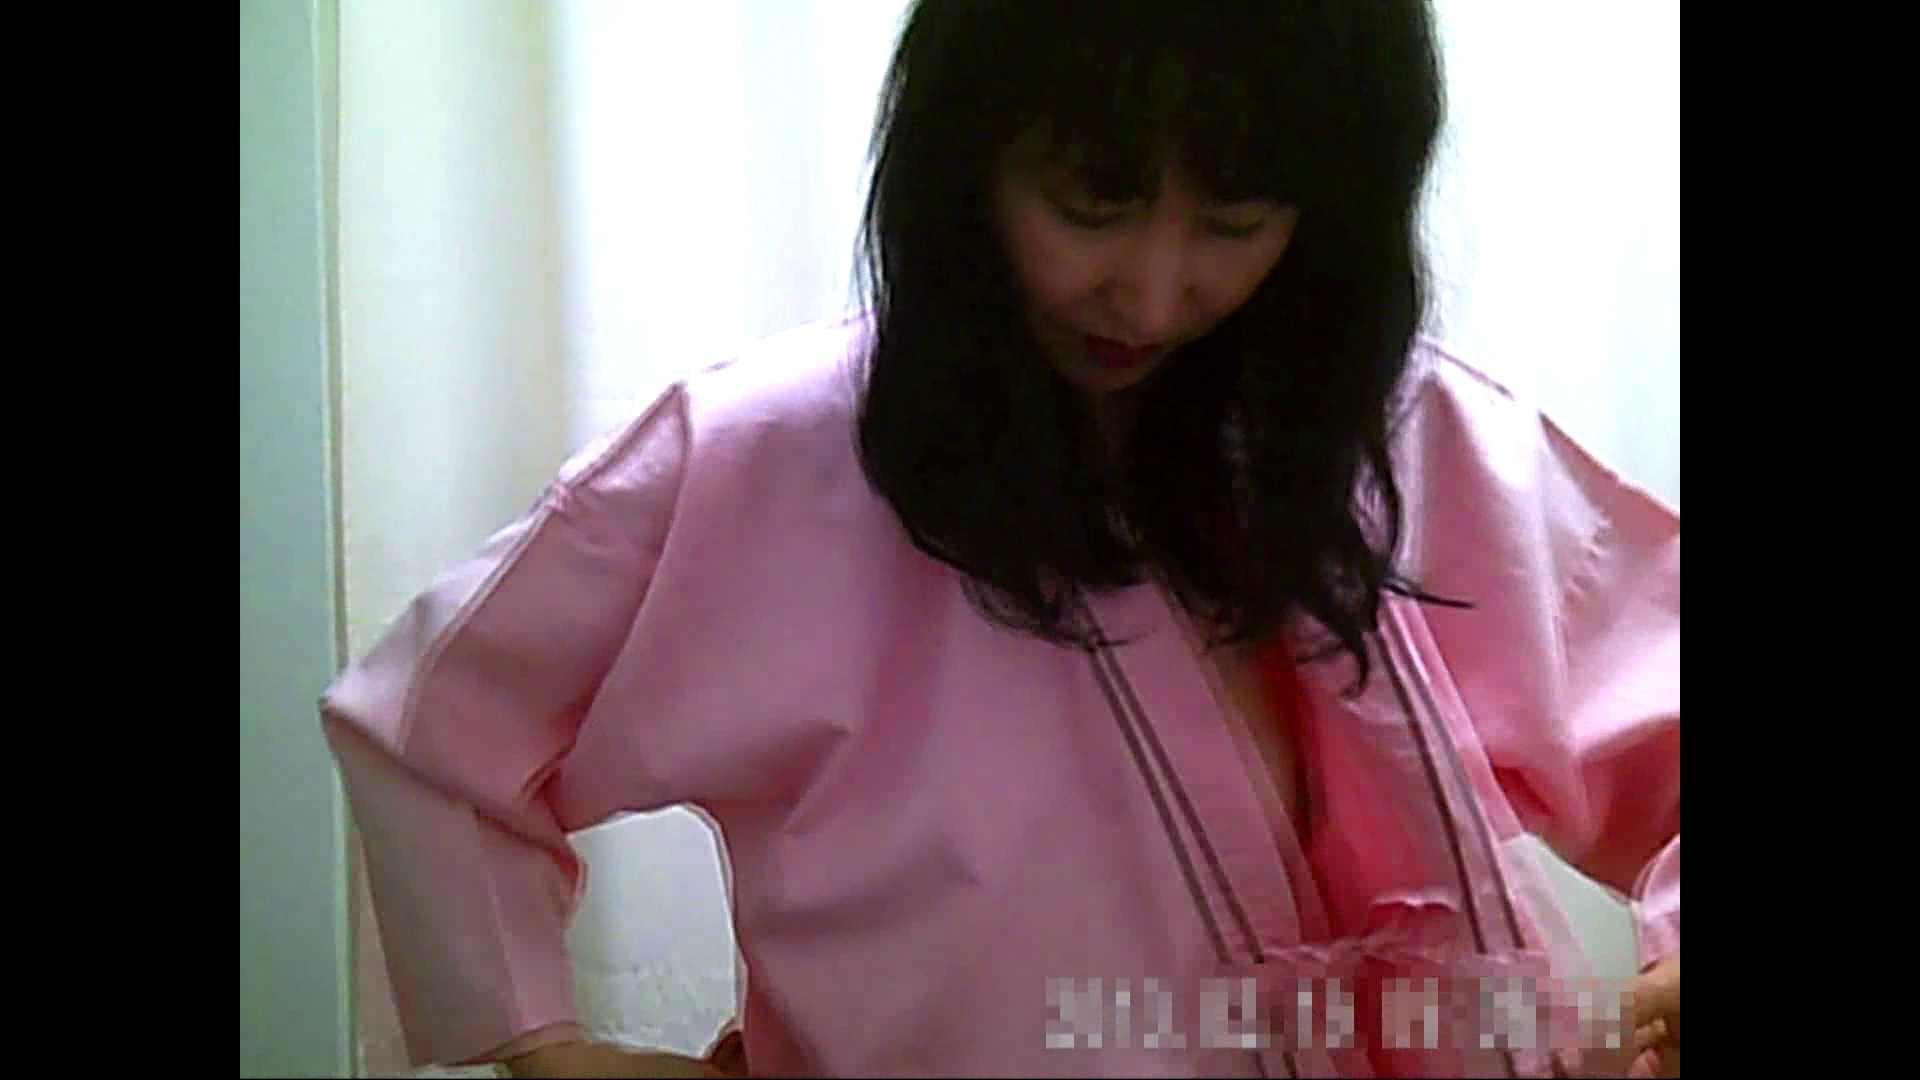 元医者による反抗 更衣室地獄絵巻 vol.142 OLハメ撮り  68Pix 9